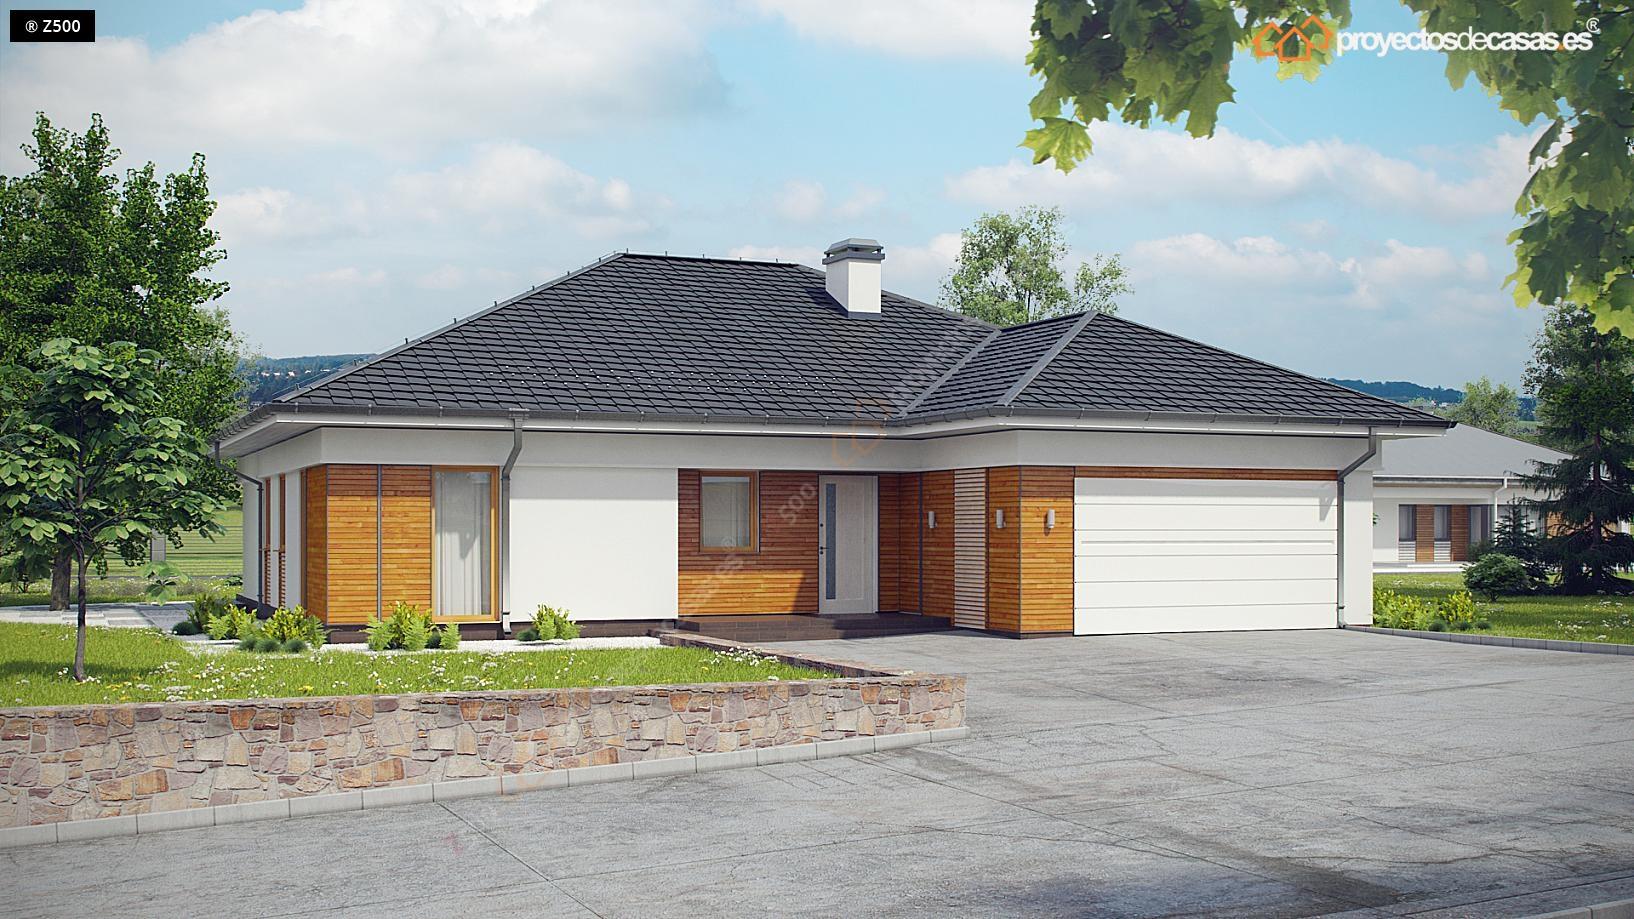 Proyectos de casas casa tradicional proyectosdecasas for Casa de planta baja